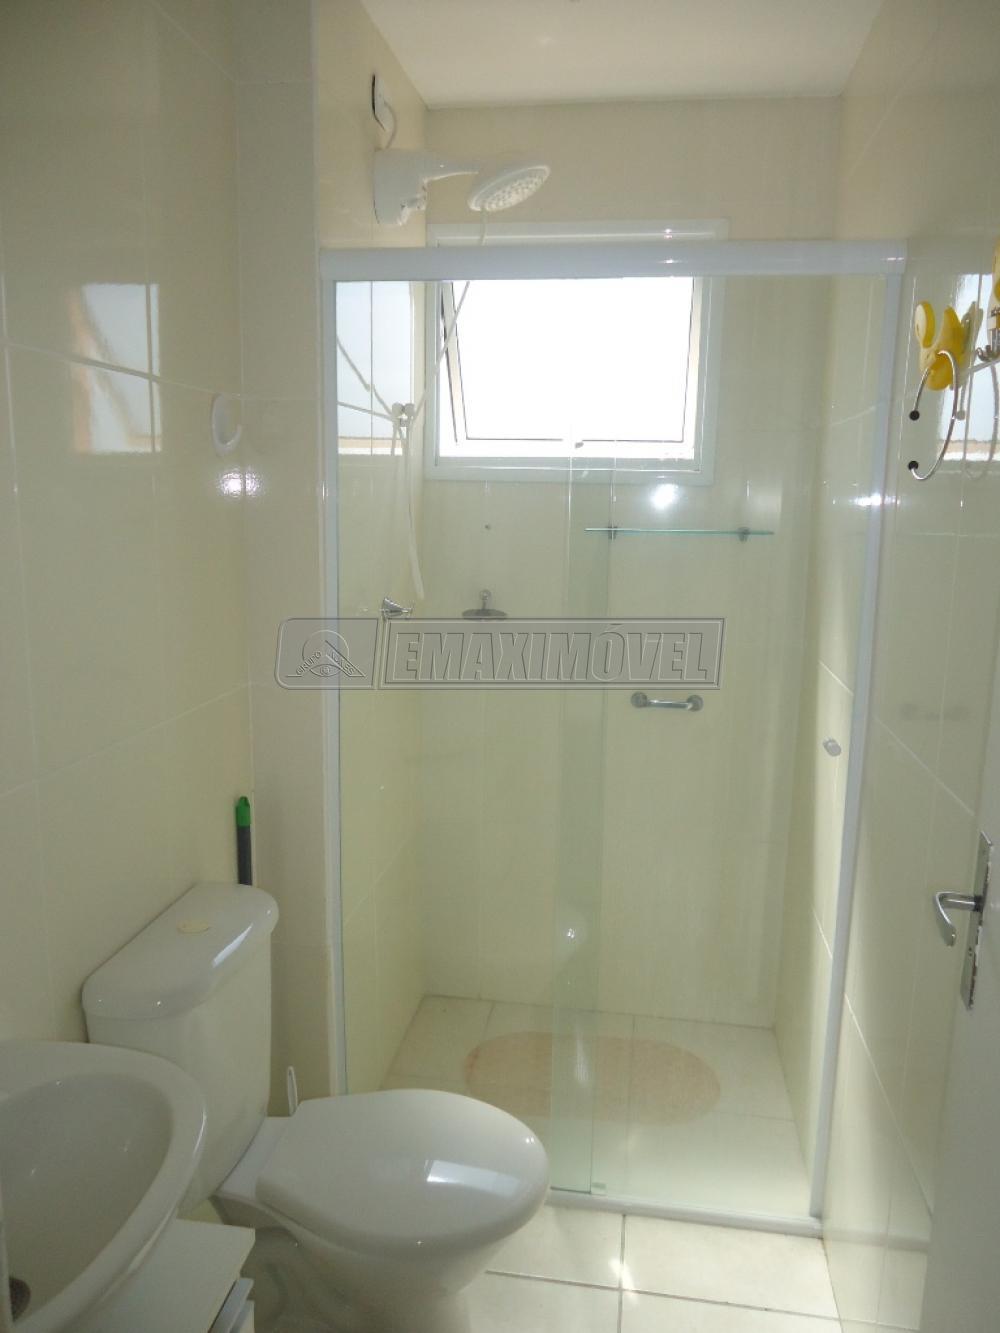 Alugar Apartamentos / Apto Padrão em Sorocaba apenas R$ 990,00 - Foto 7